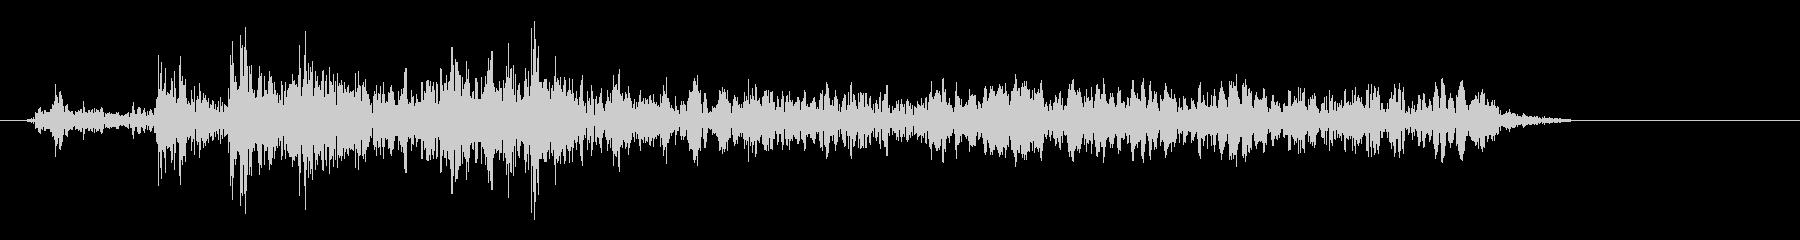 マシン作動音の効果音の未再生の波形